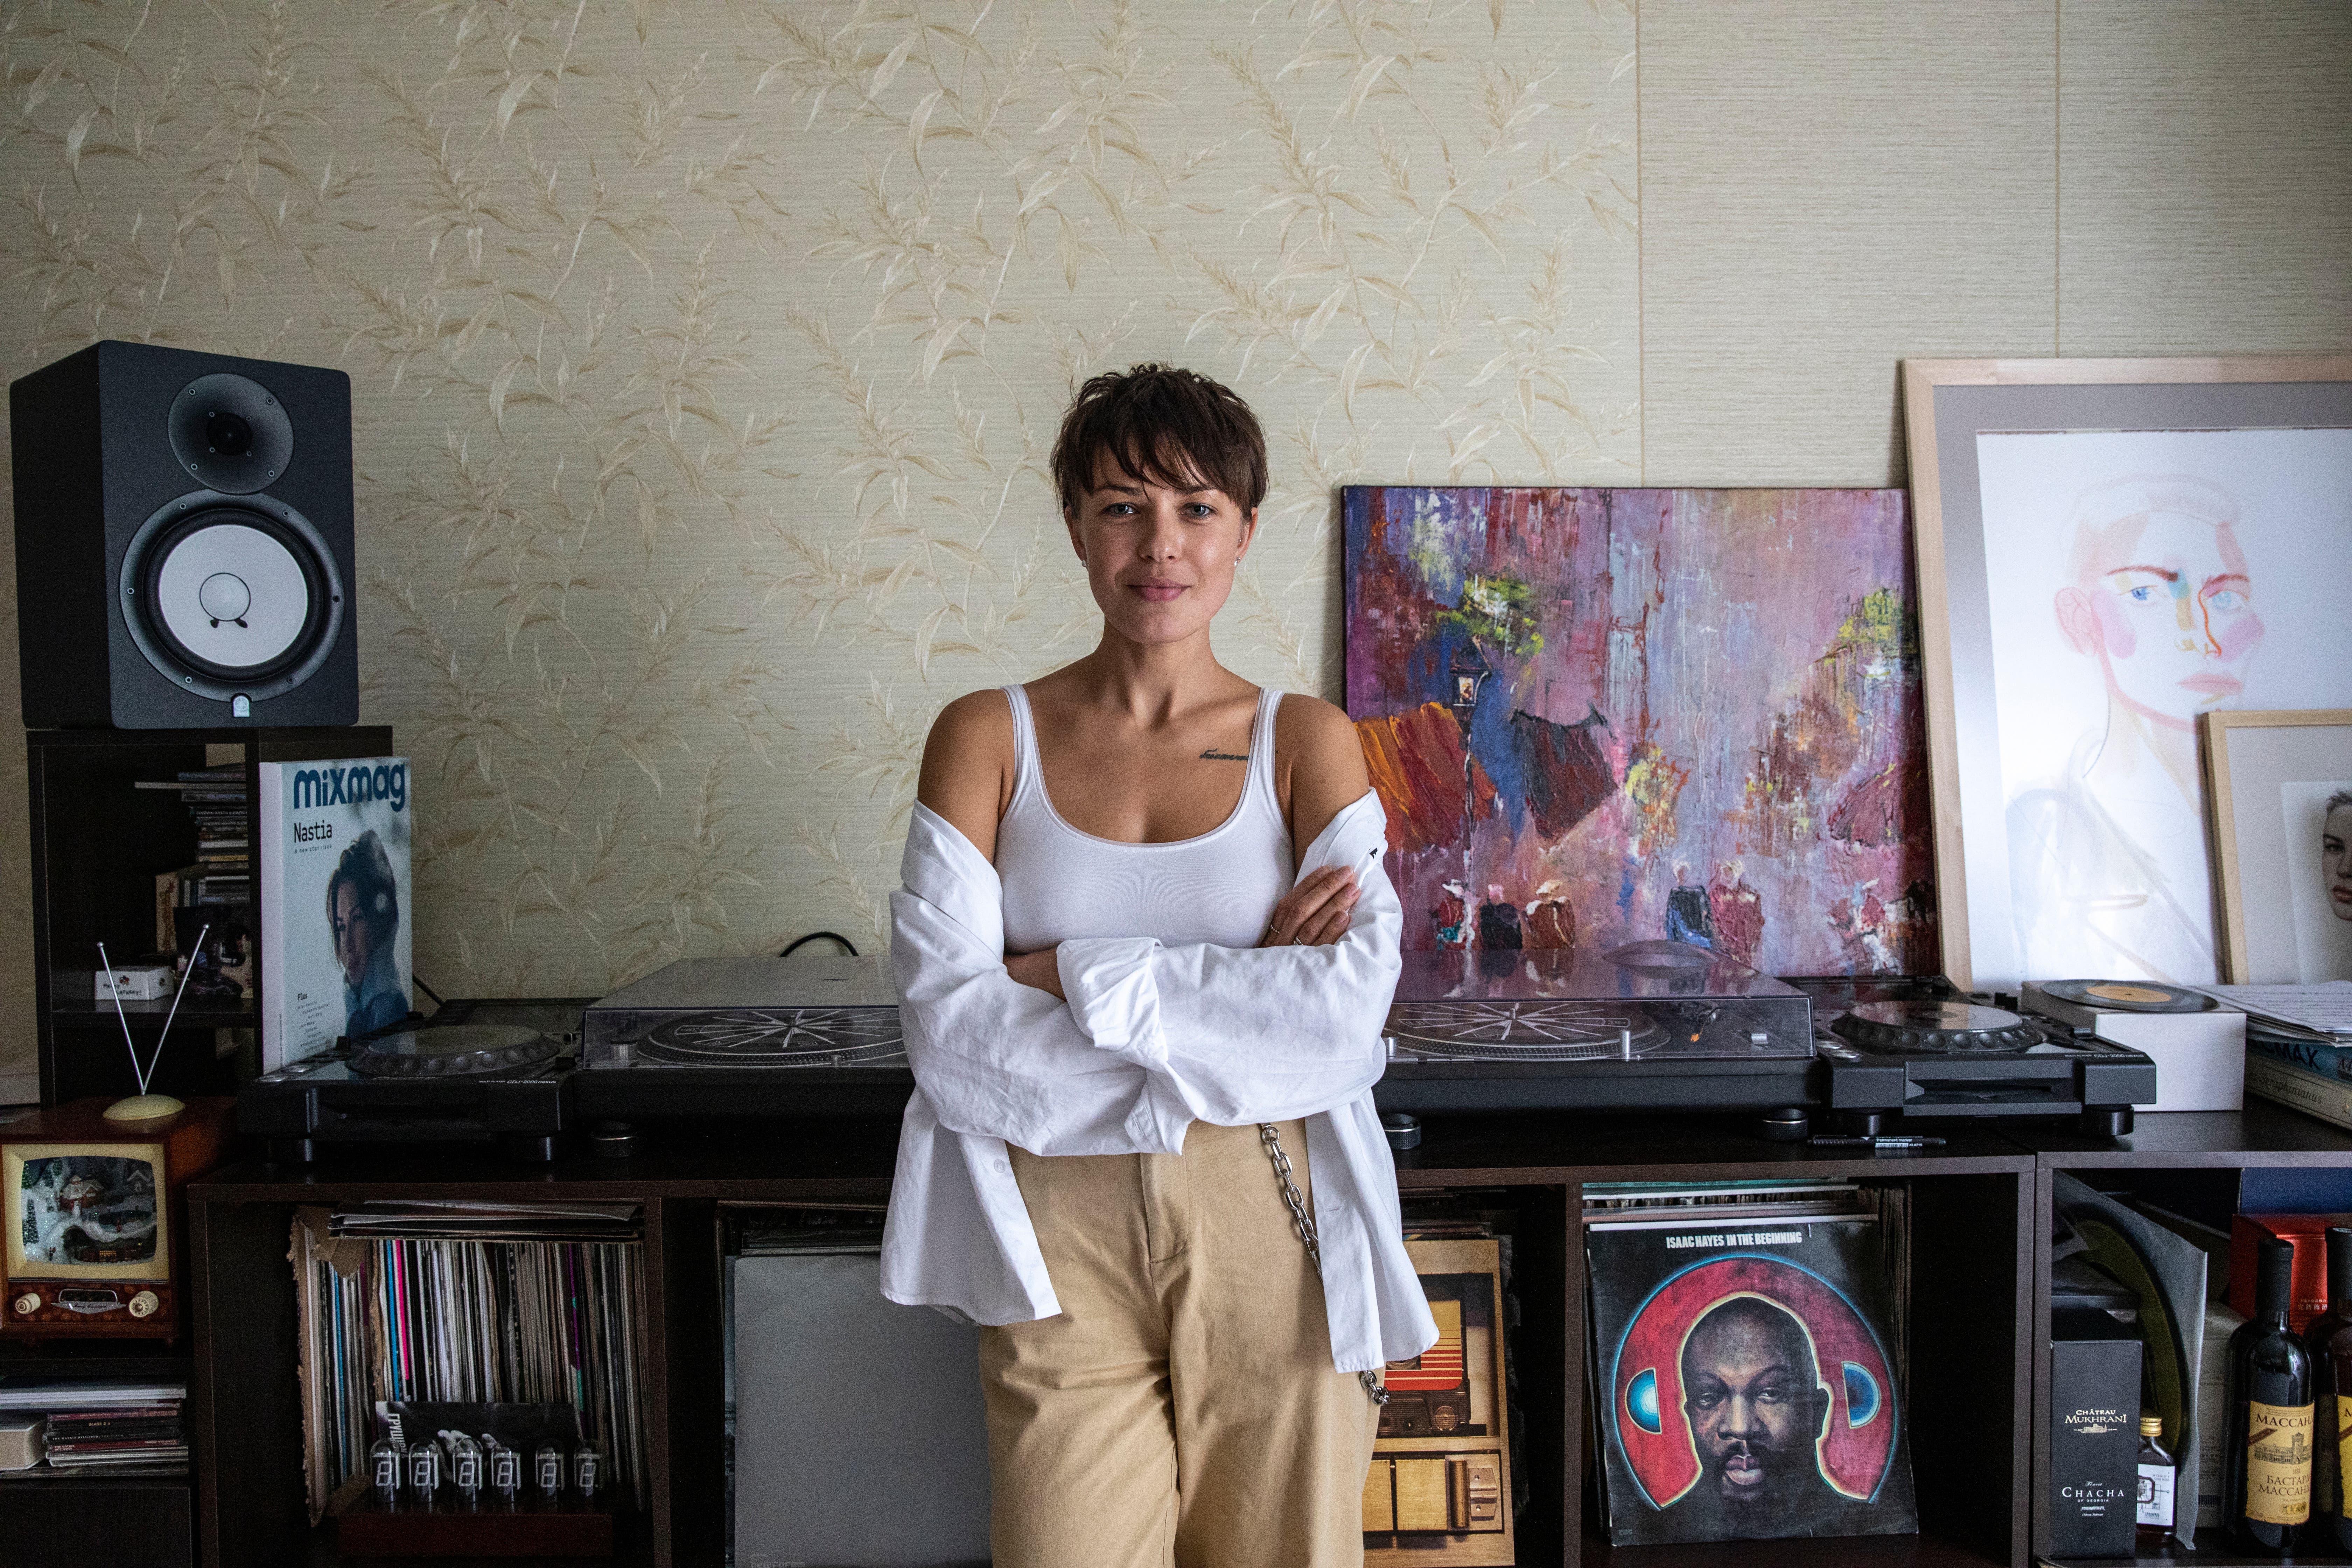 Die ukrainische Techno-DJane Nastia ist ein internationaler Star.